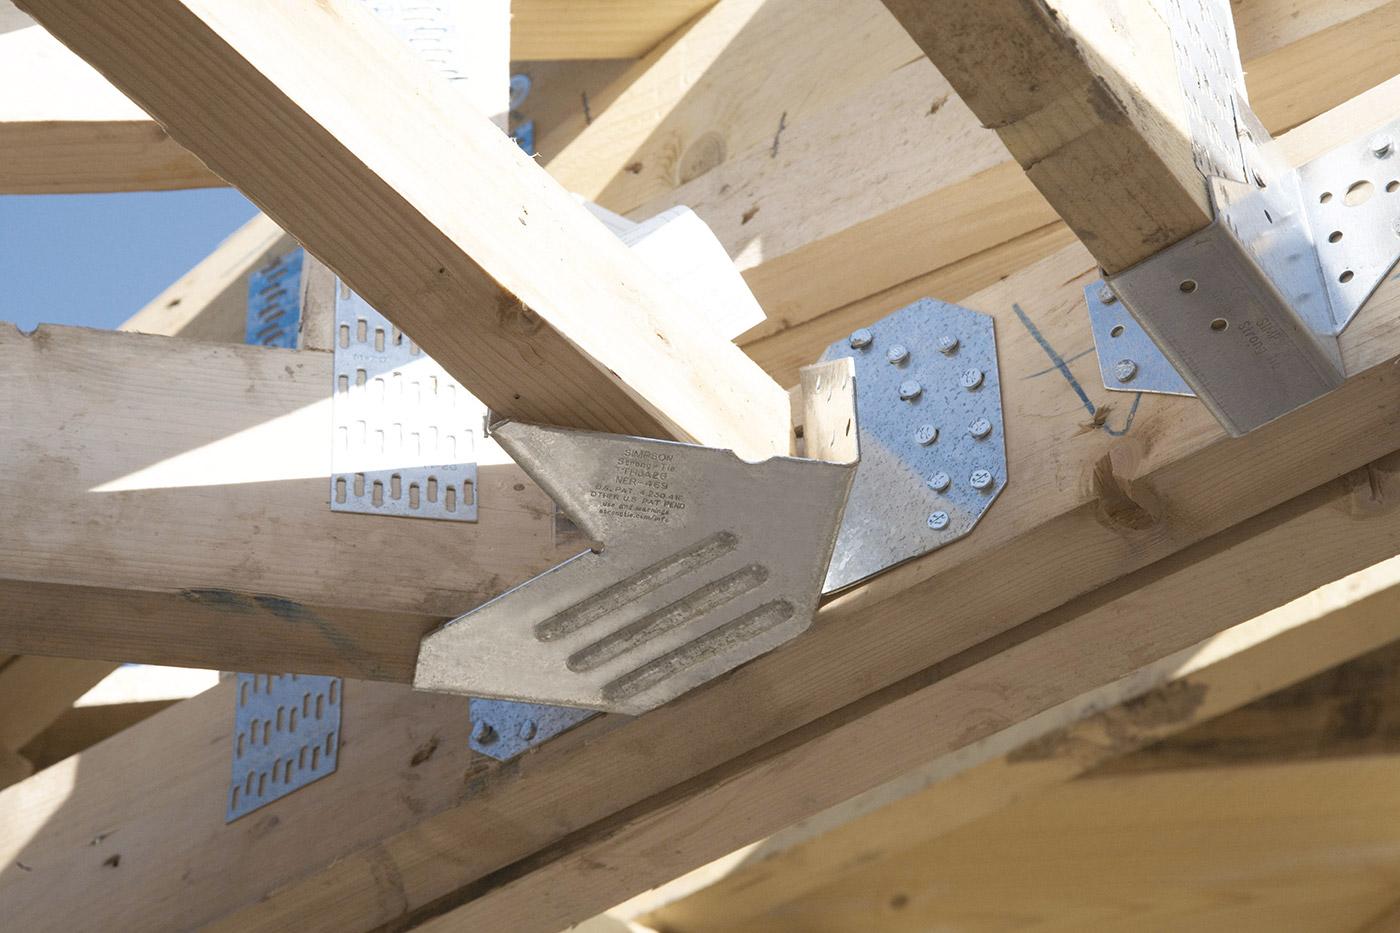 Les assemblages les plus courants en matière de construction bois sont à base de pointes clous vis tiges filetées de plus en plus répandus